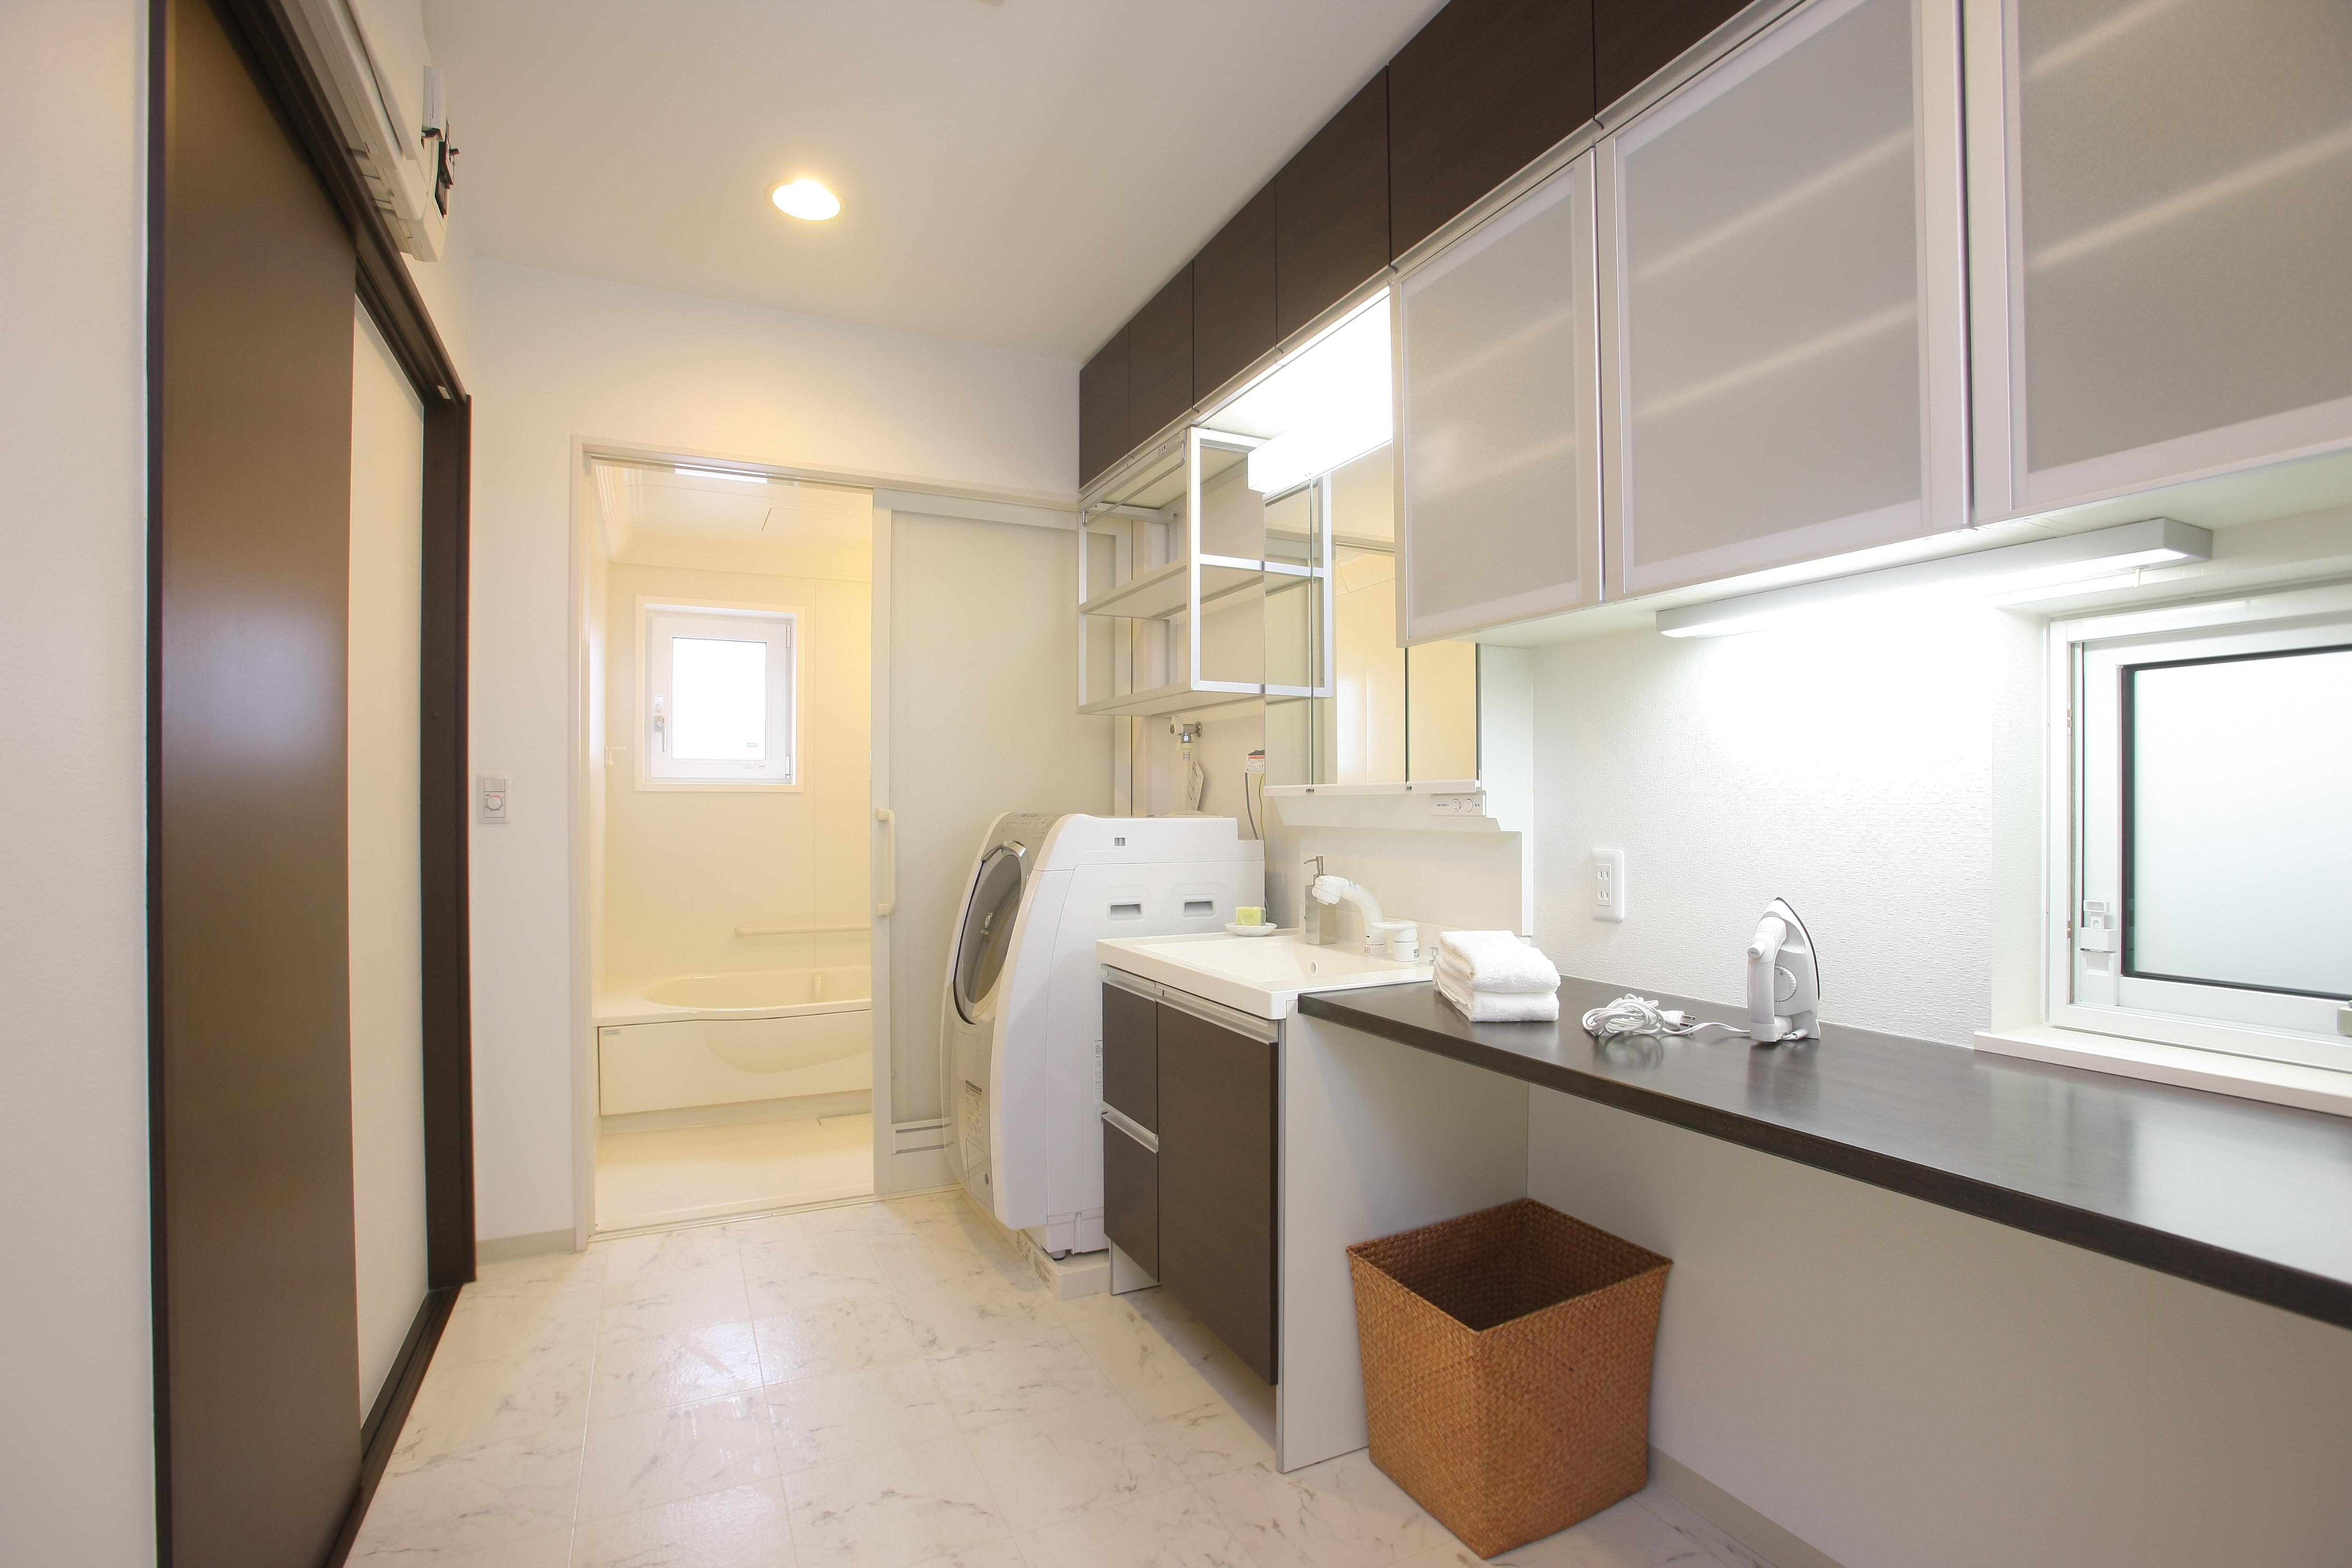 トキノハウス(常盤工業)【浜松市東区和田町805番地・モデルハウス】キッチンに隣接した家事コーナーと洗面、浴室スペース。キッチンから一直線に繋がる空間は、奥様目線の動線に。日常の家事がしやすい、奥さまに嬉しい設計